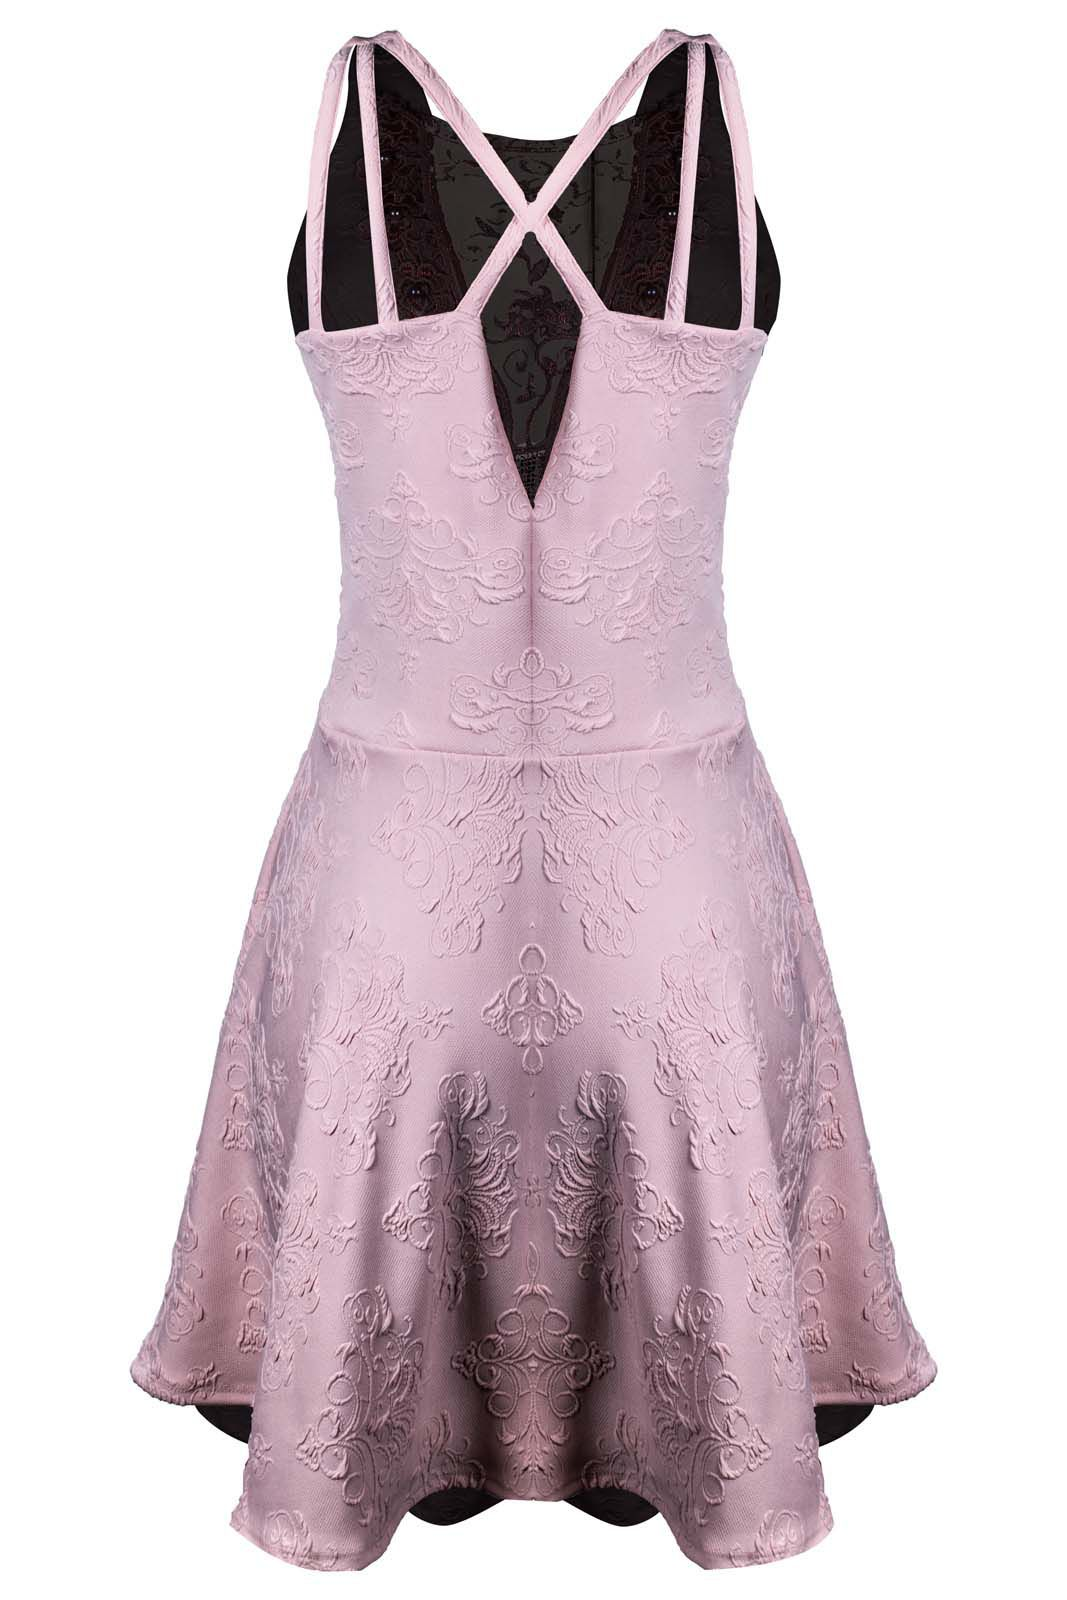 Vestido Outlet Dri Alça Grossa Gode Jacquard Perola Decote Detalhe Tule Rosa